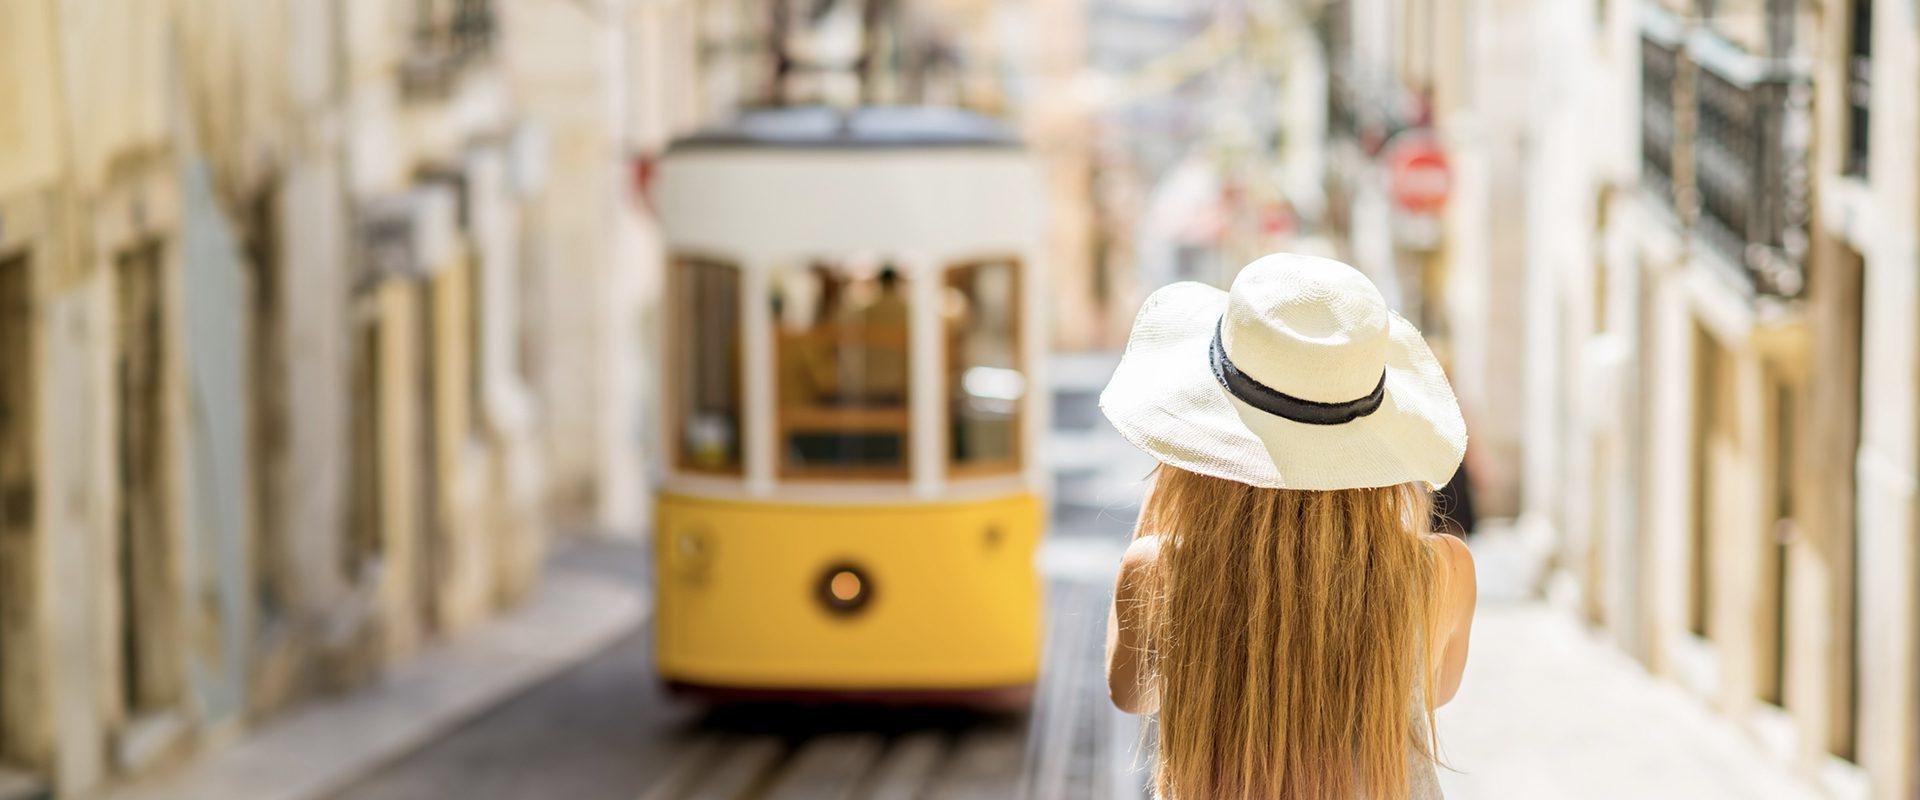 Destinos para viajar sola en 2019